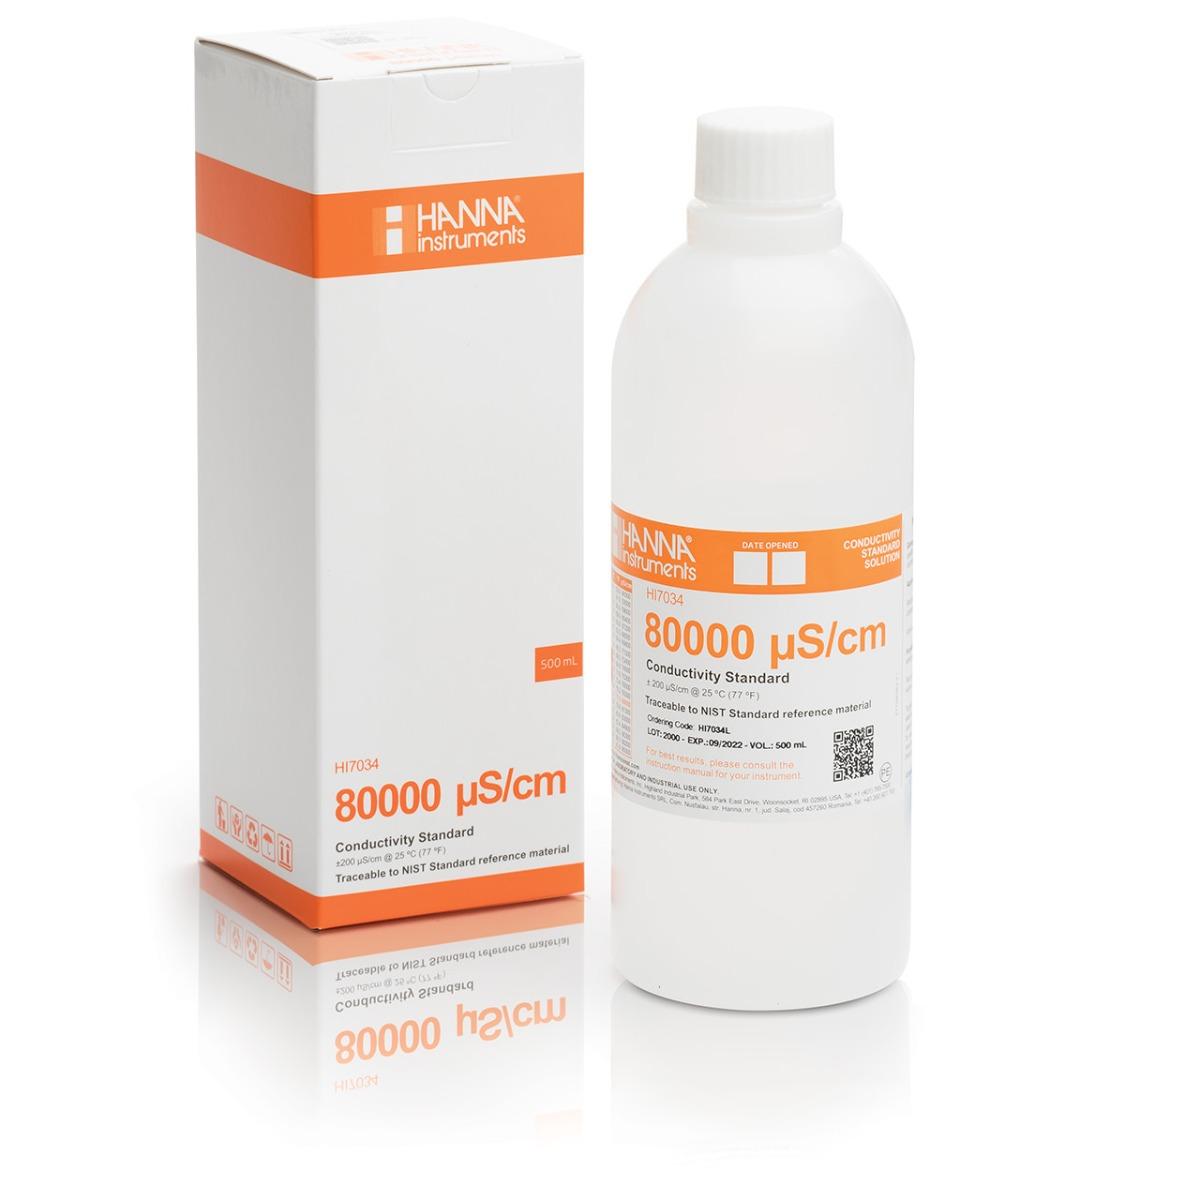 HI7034L 80000 µS/cm Conductivity Standard (500mL Bottle)